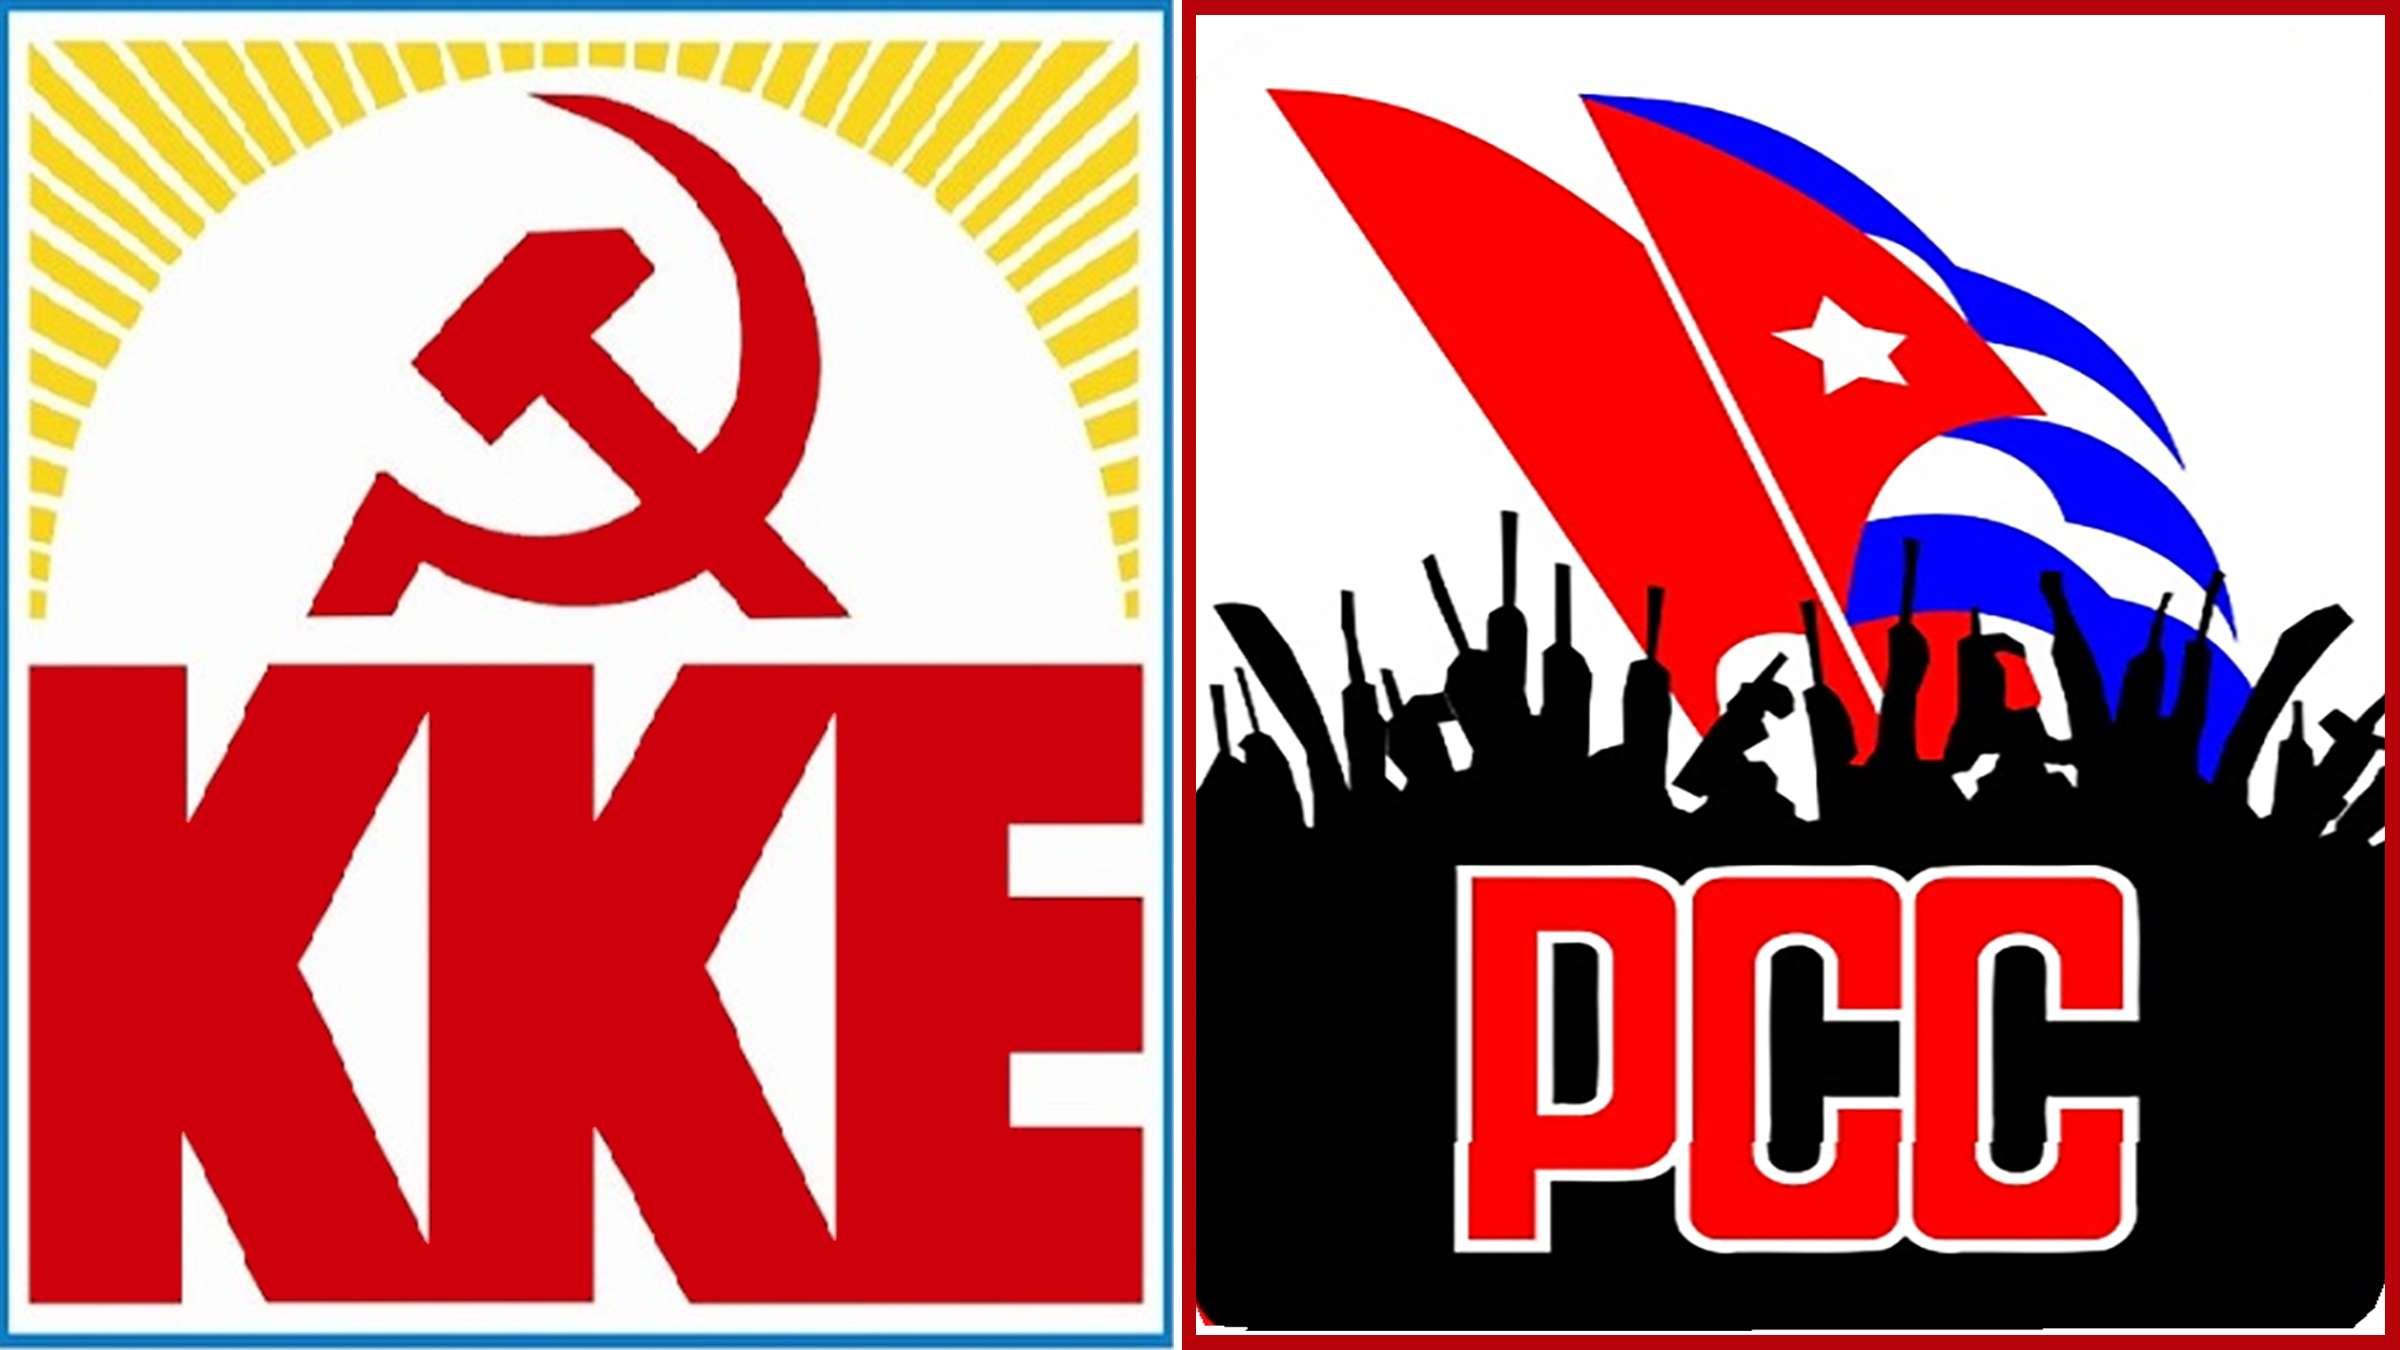 KKE PCC